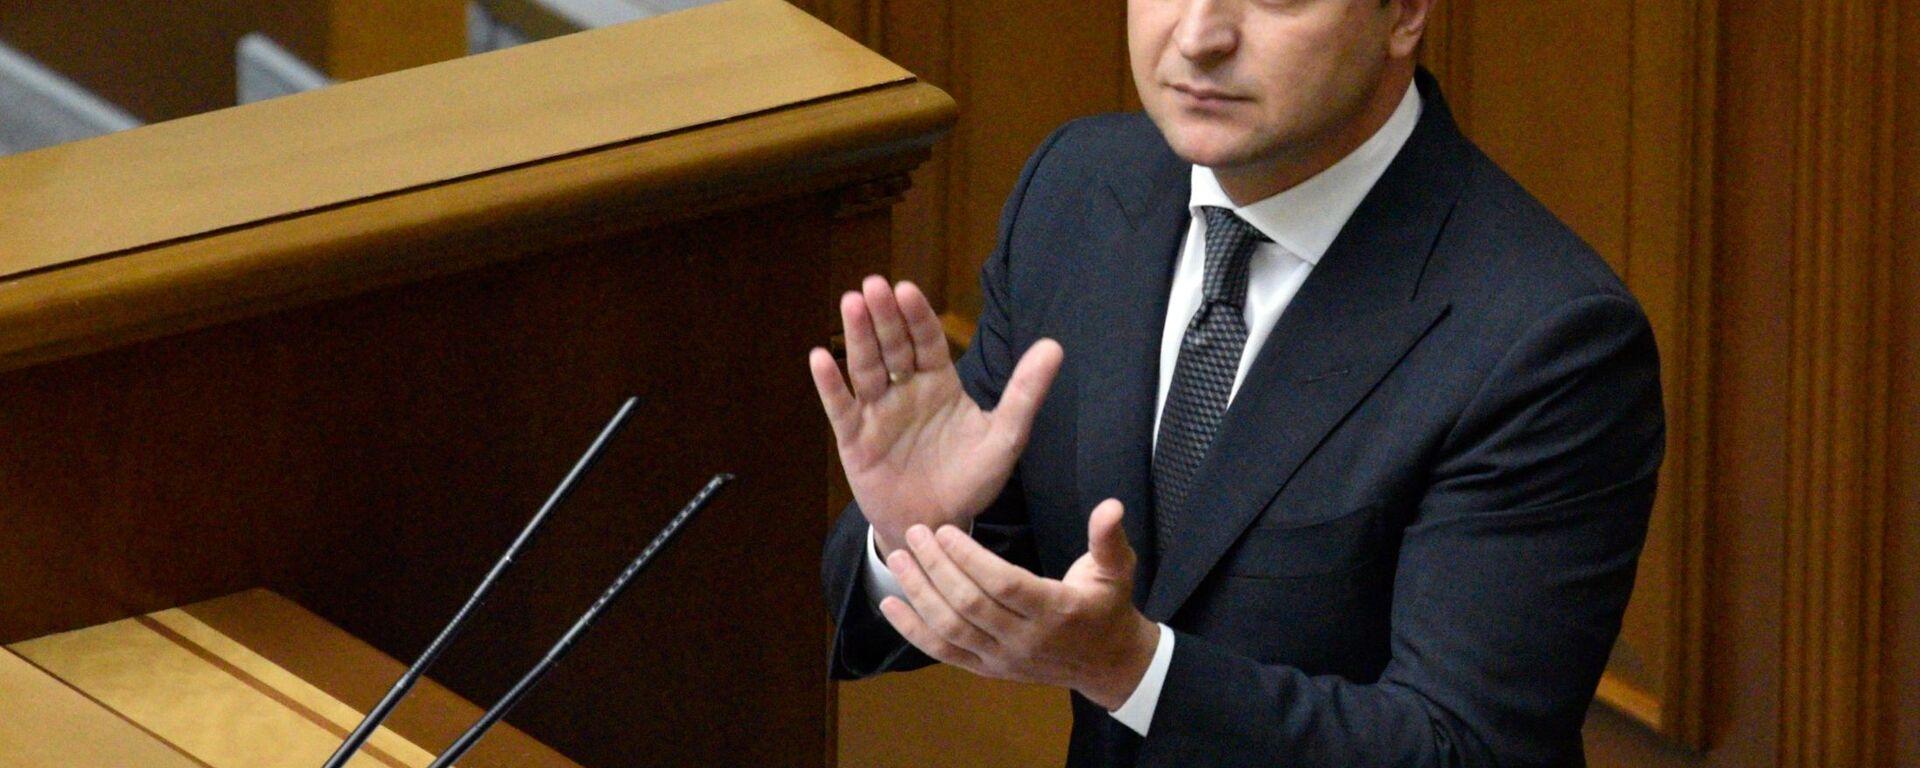 Президент Украины Владимир Зеленский выступает в Верховной Раде, архивное фото - Sputnik Грузия, 1920, 04.02.2021